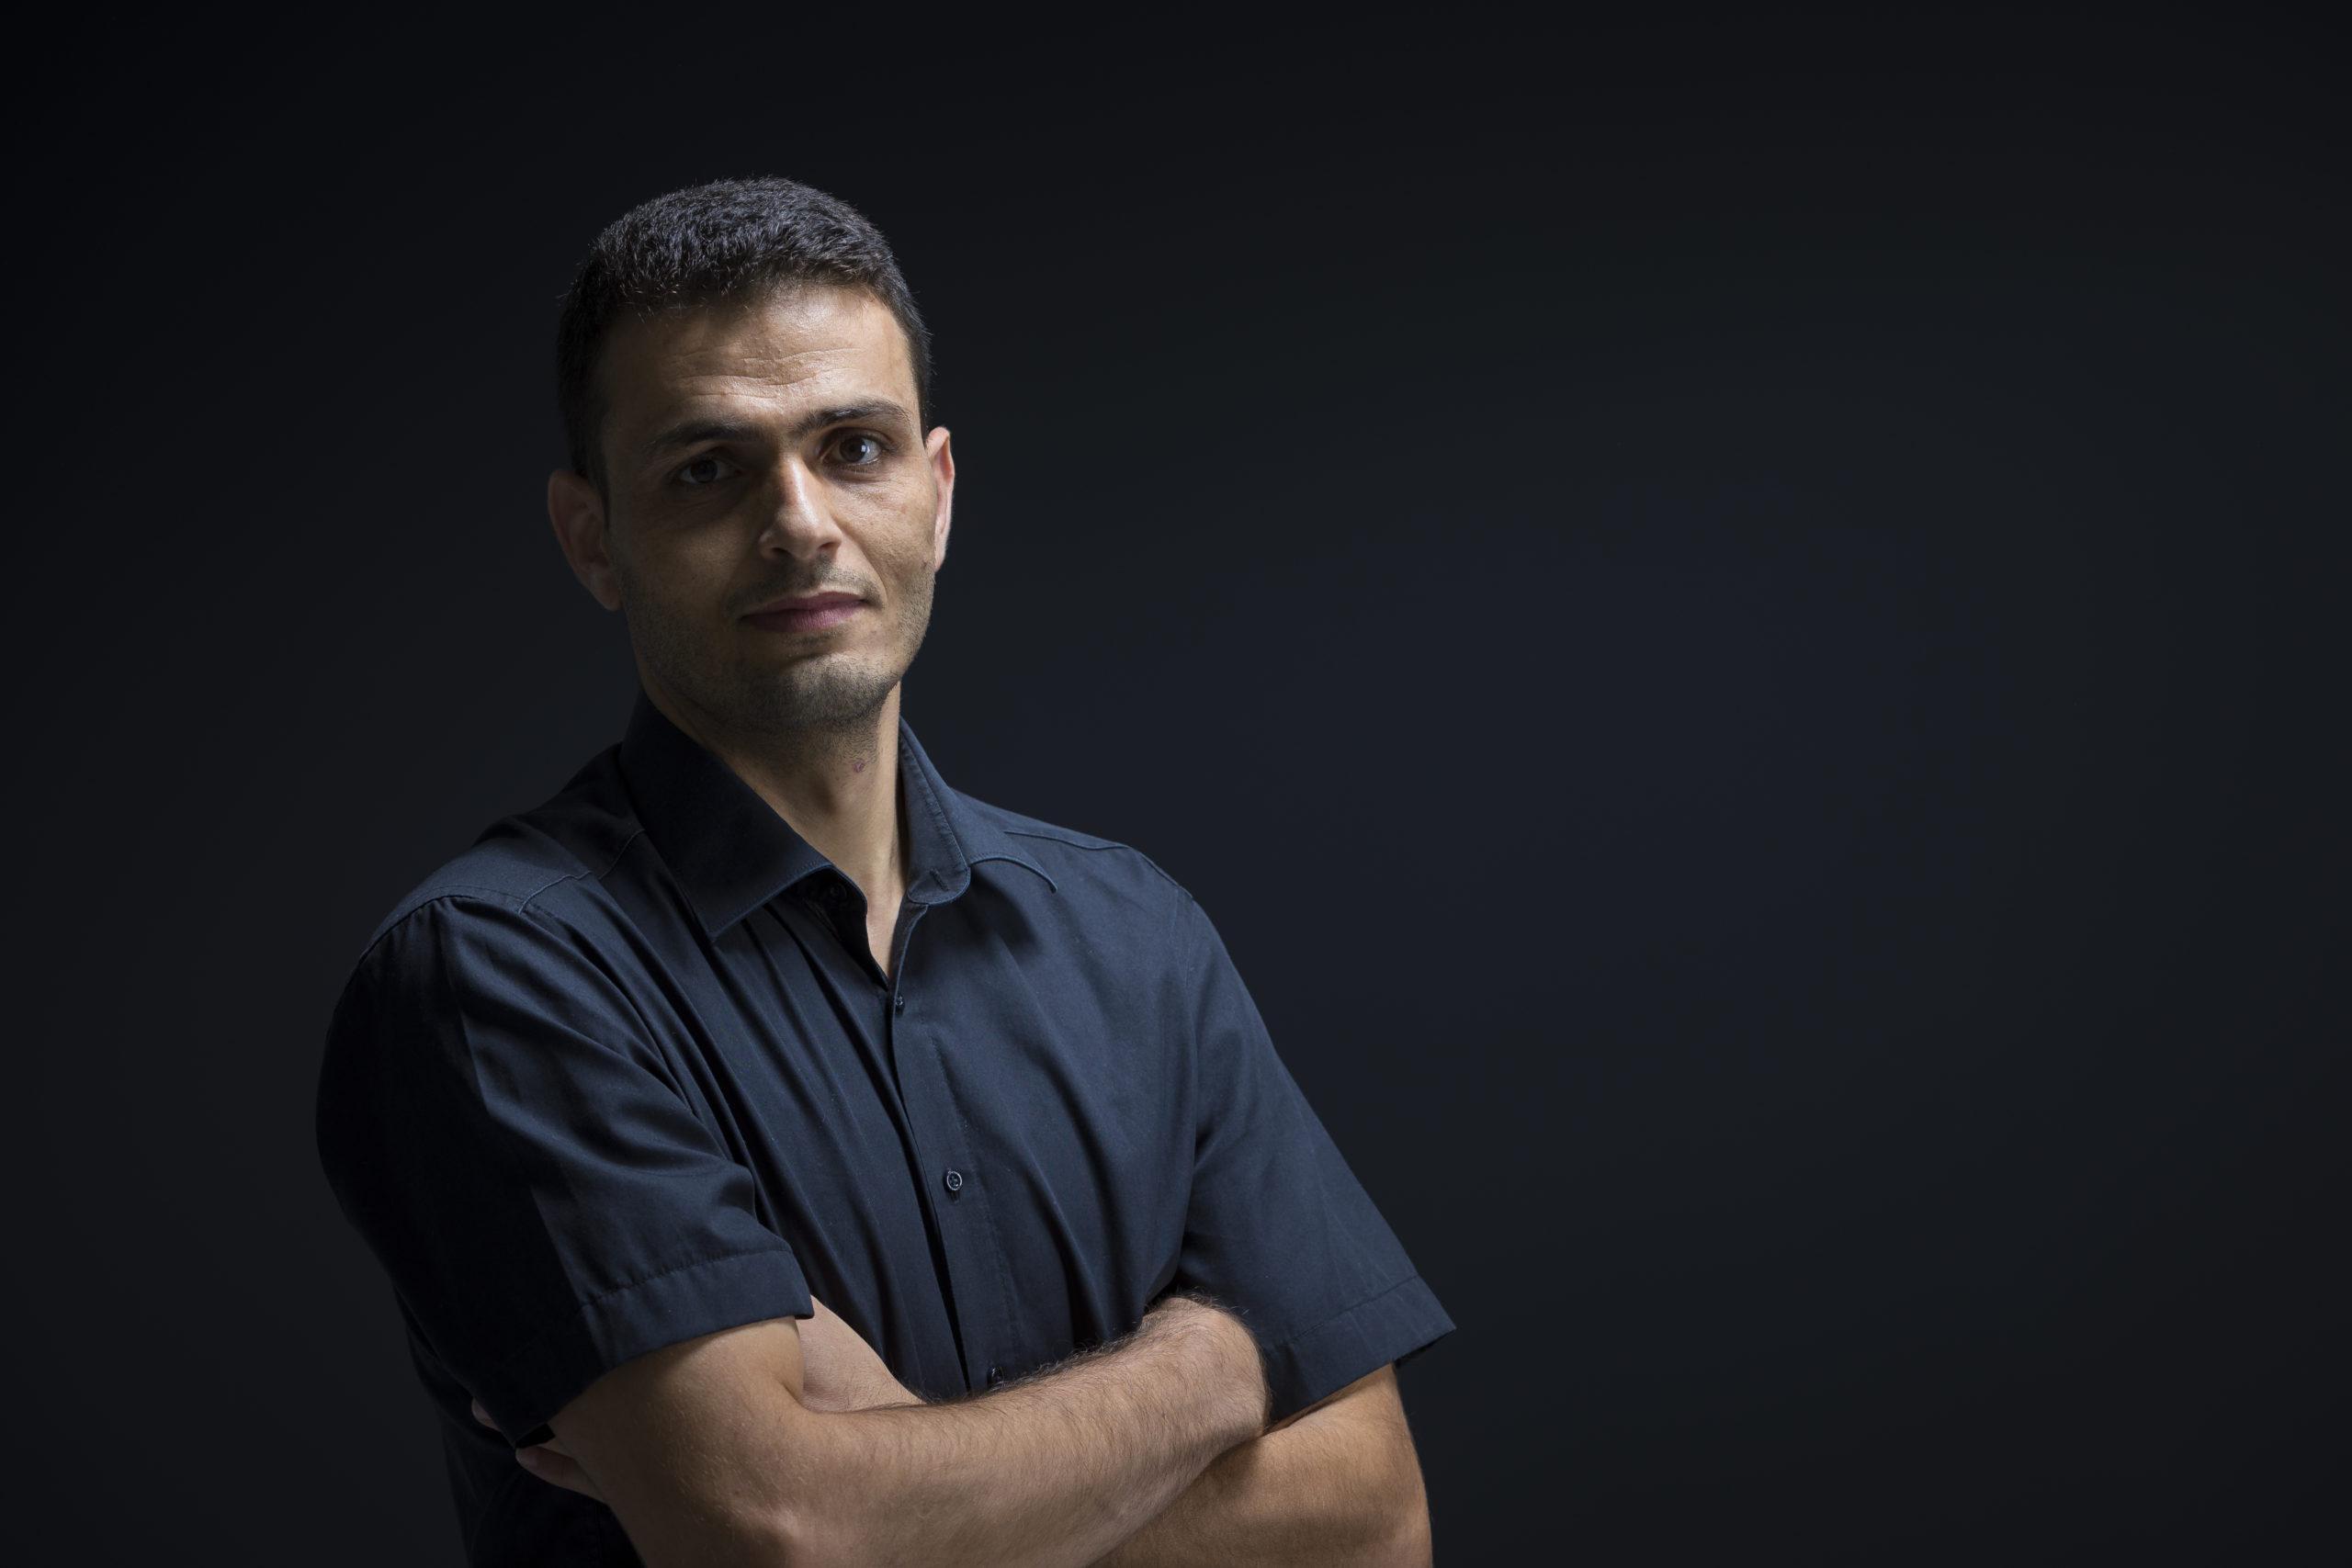 Mofeed Abdalla